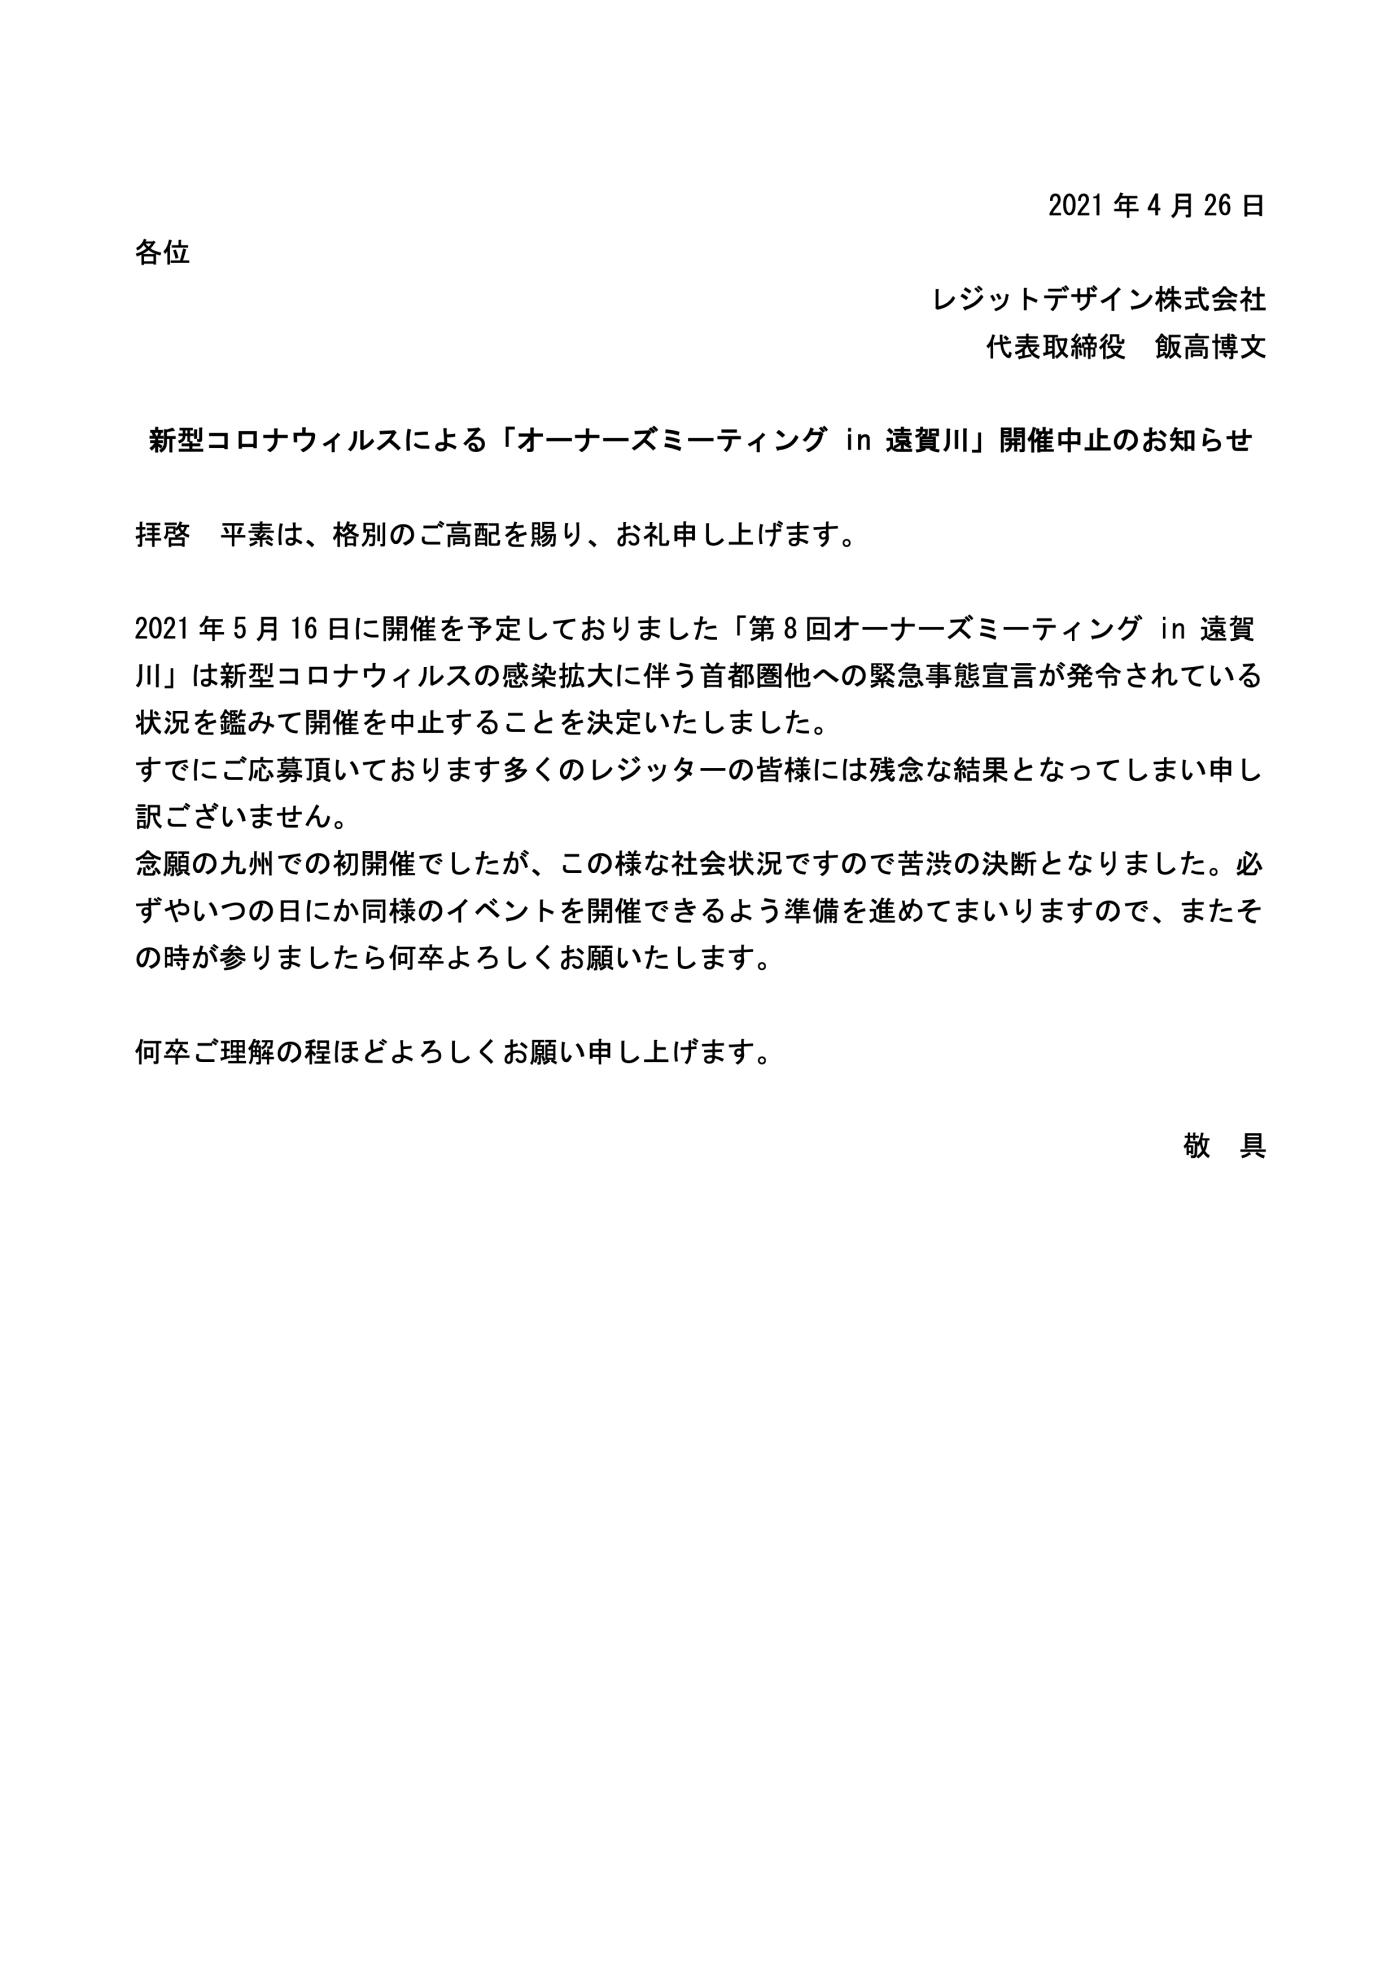 JPG新型コロナウィルスによる第8回オーナーズミーティングin遠賀川開催中止お知らせ